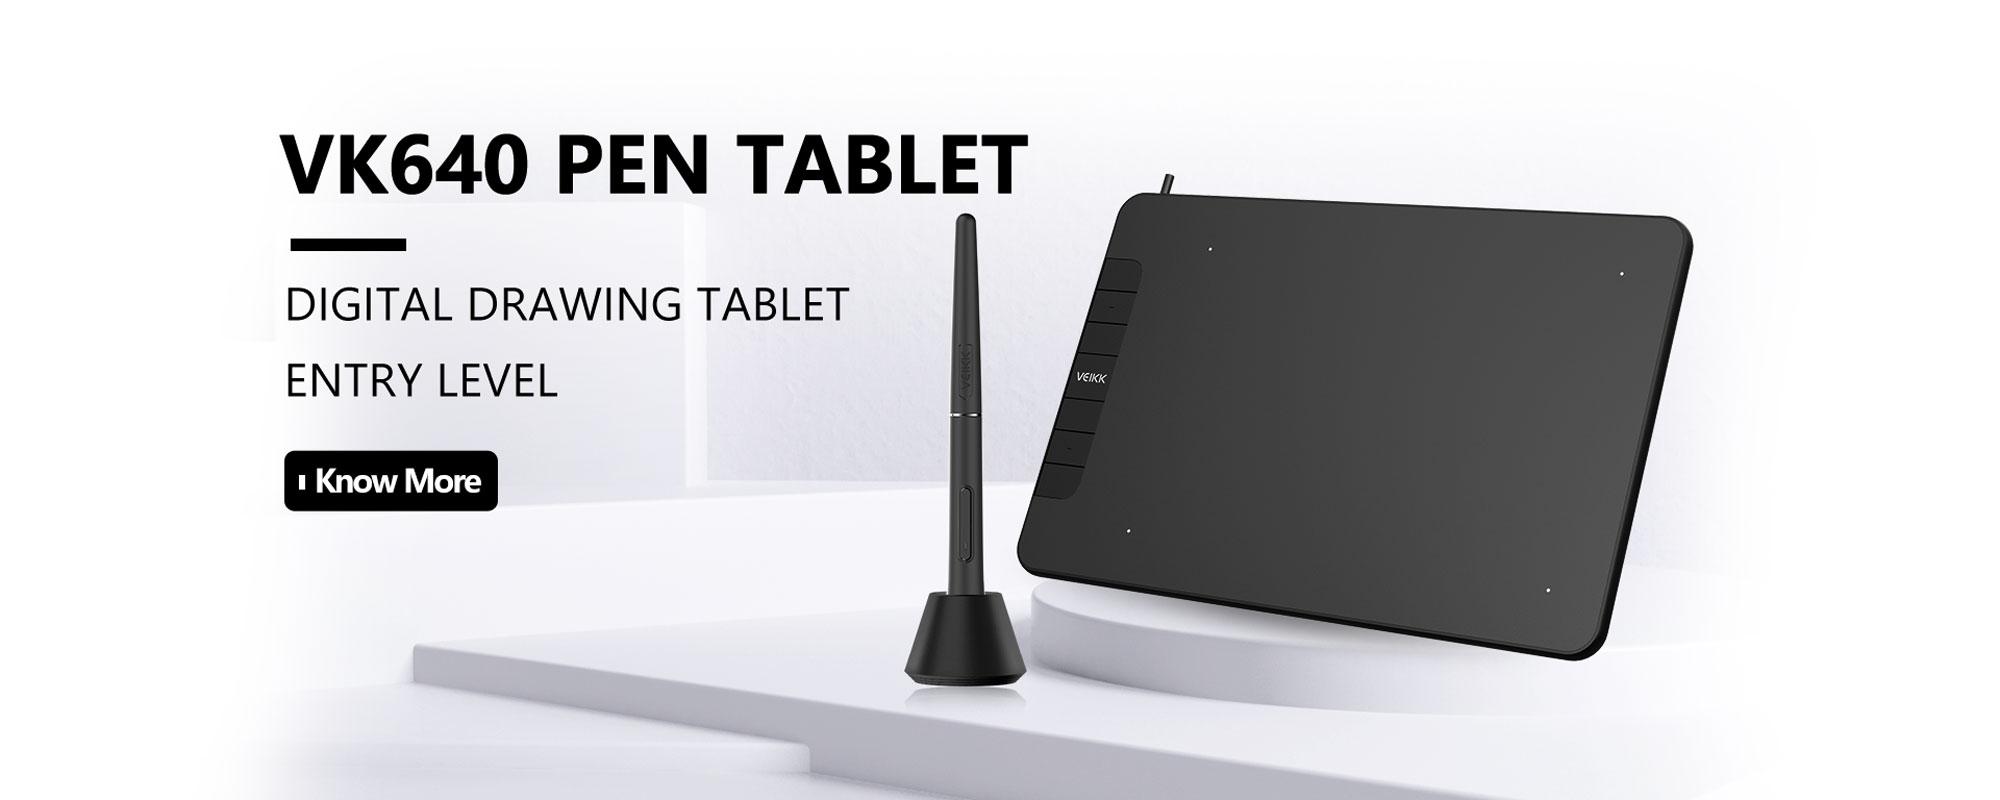 Grafika - tablet graficzny Veikk VK640 wraz z piórkiem pasywnym zaprezentowane na białym tle